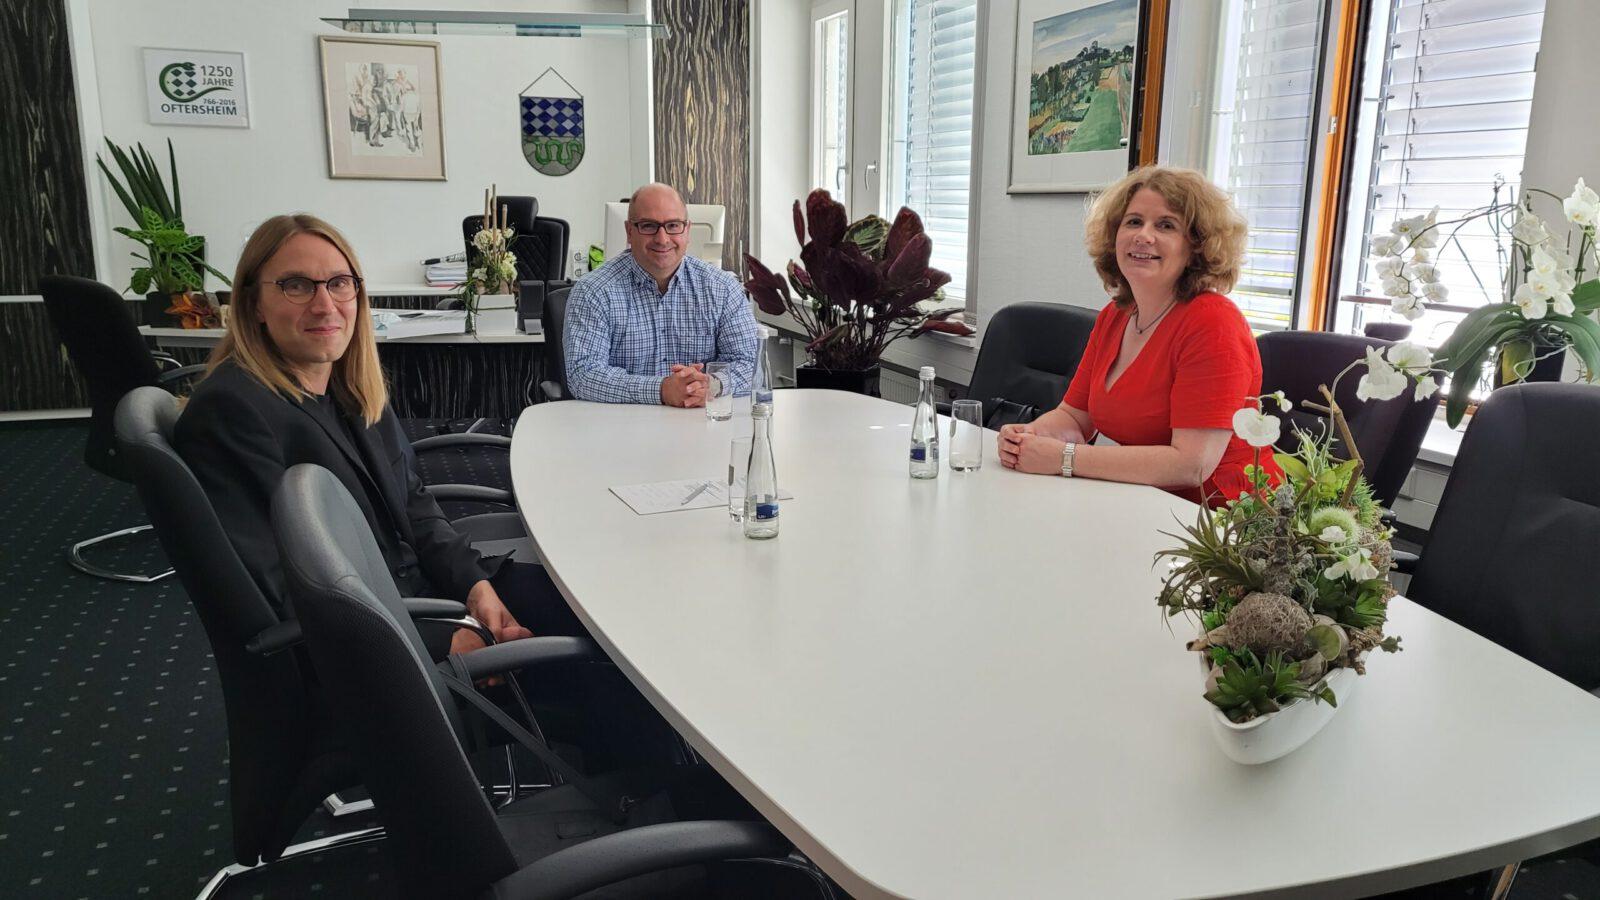 Besuch bei Bürgermeister Jens Geiß in Oftersheim